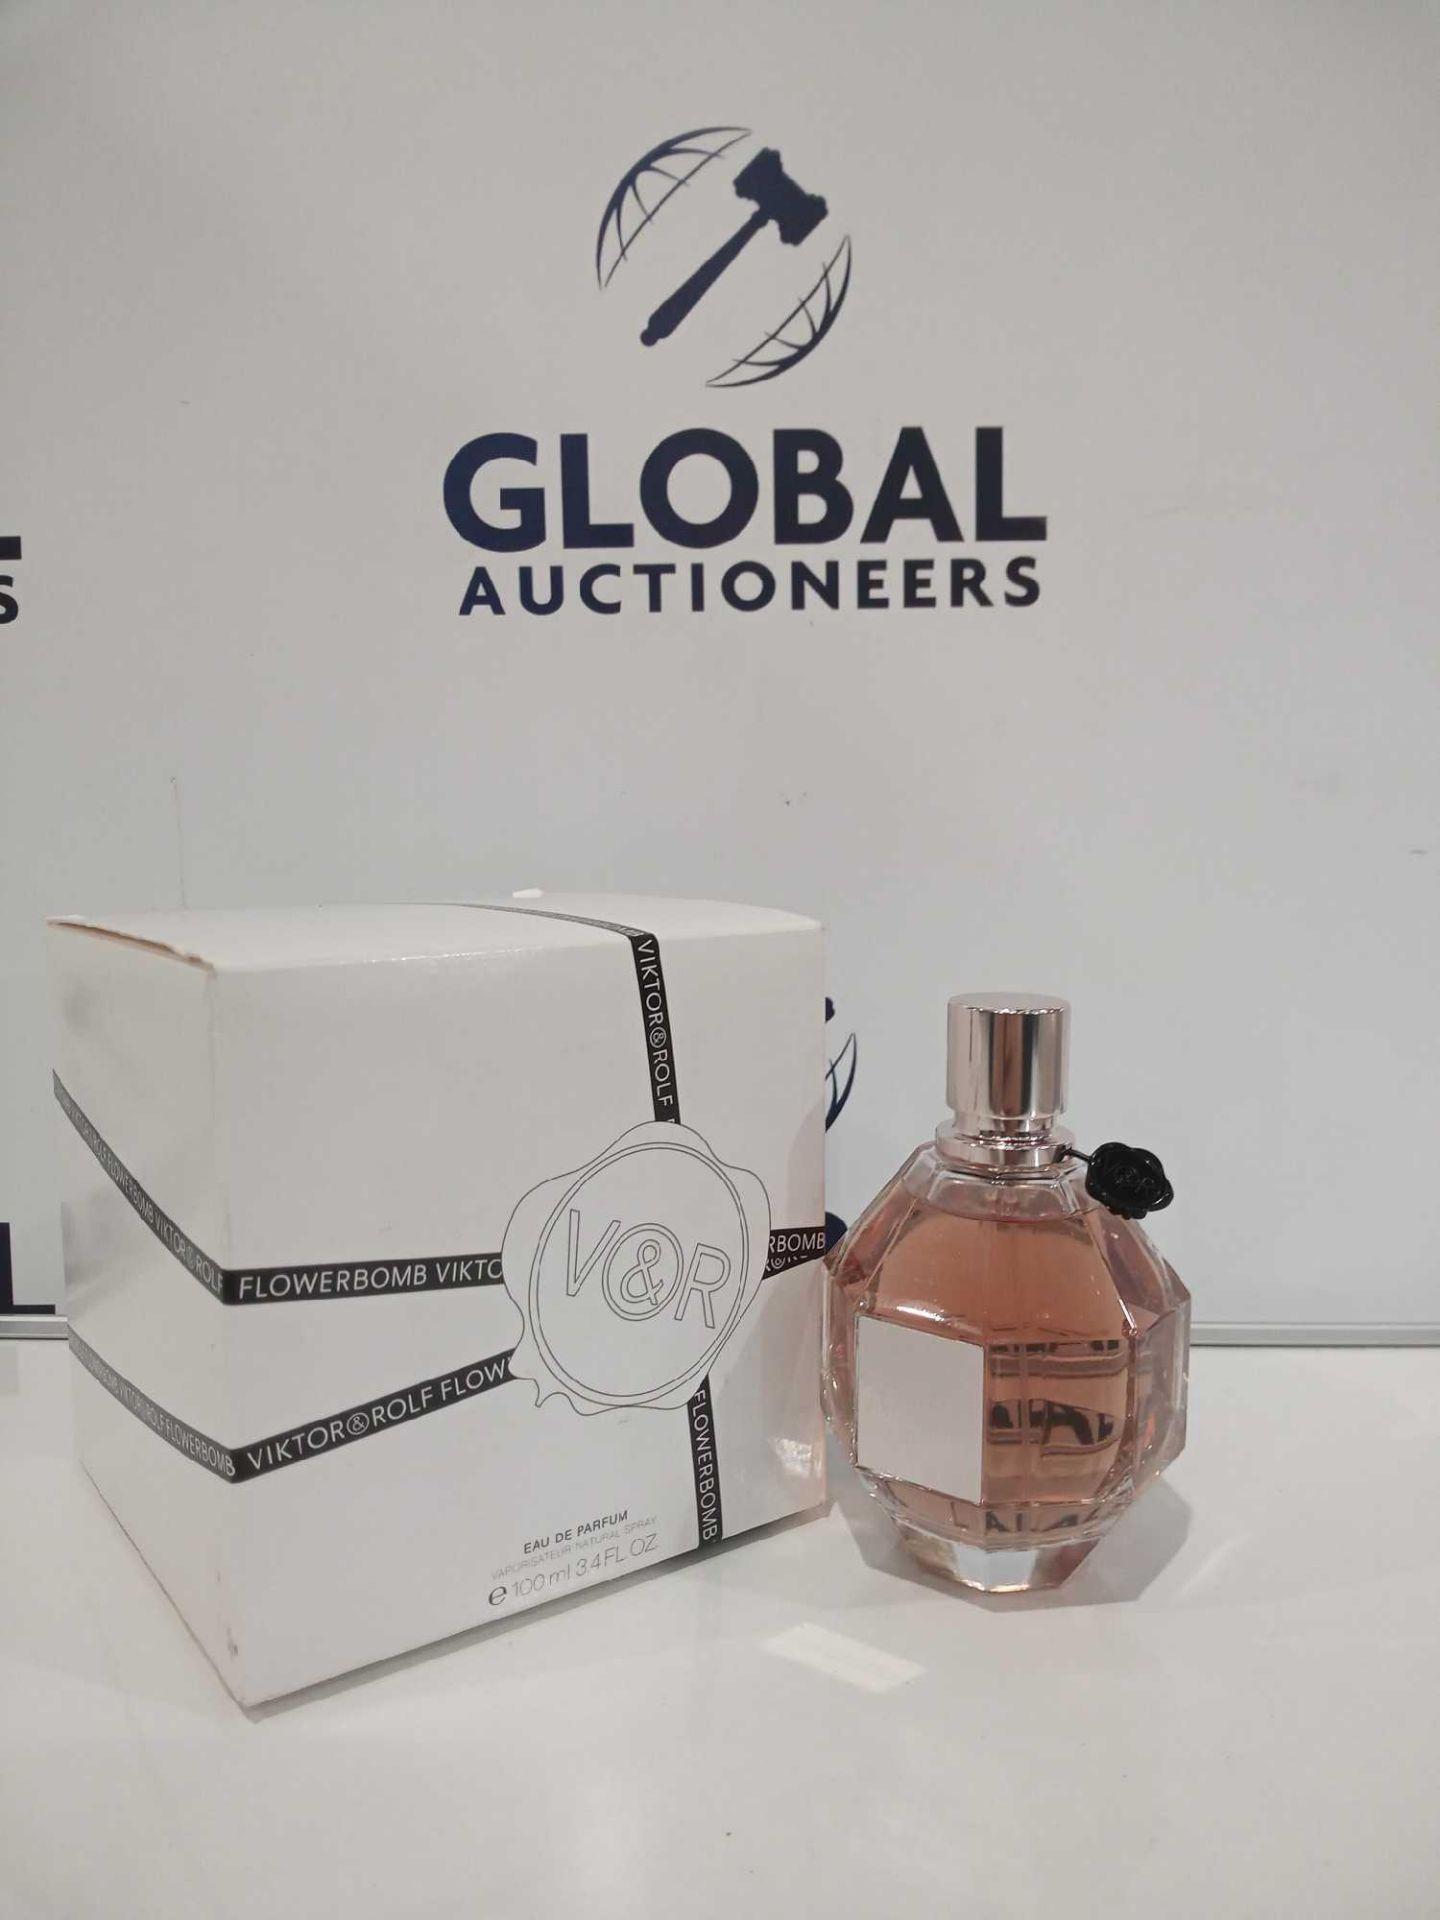 RRP £80 Boxed Brand New Full Tester Bottle Of Viktor Flowerbomb Eau De Parfum 100Ml